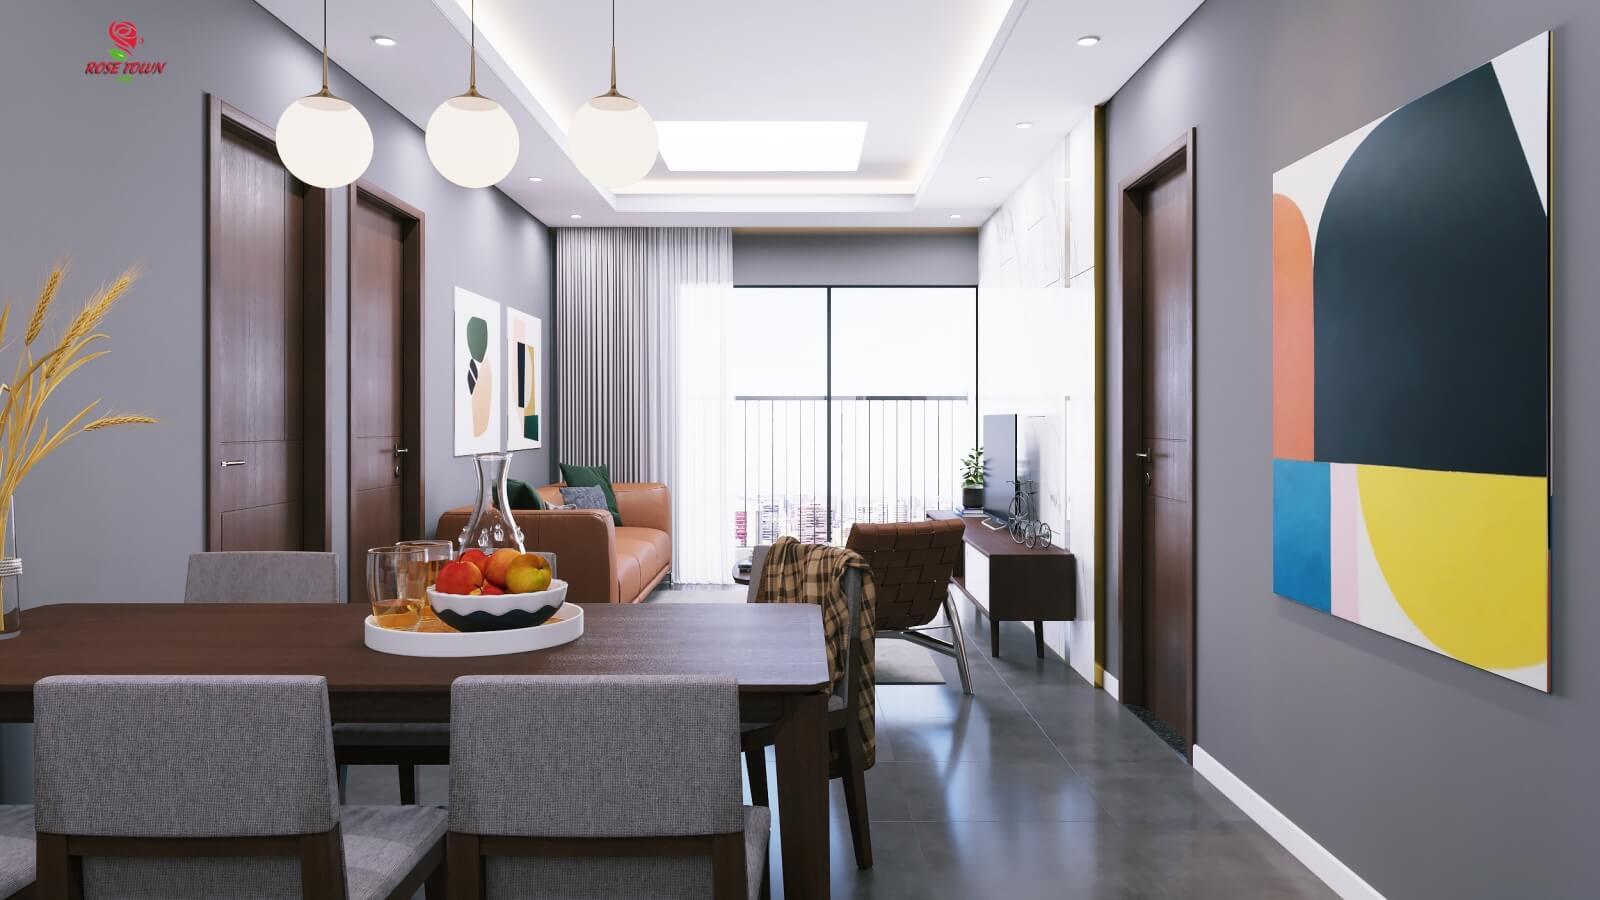 Nội thất căn hộ chung cư Rose Town cao cấp